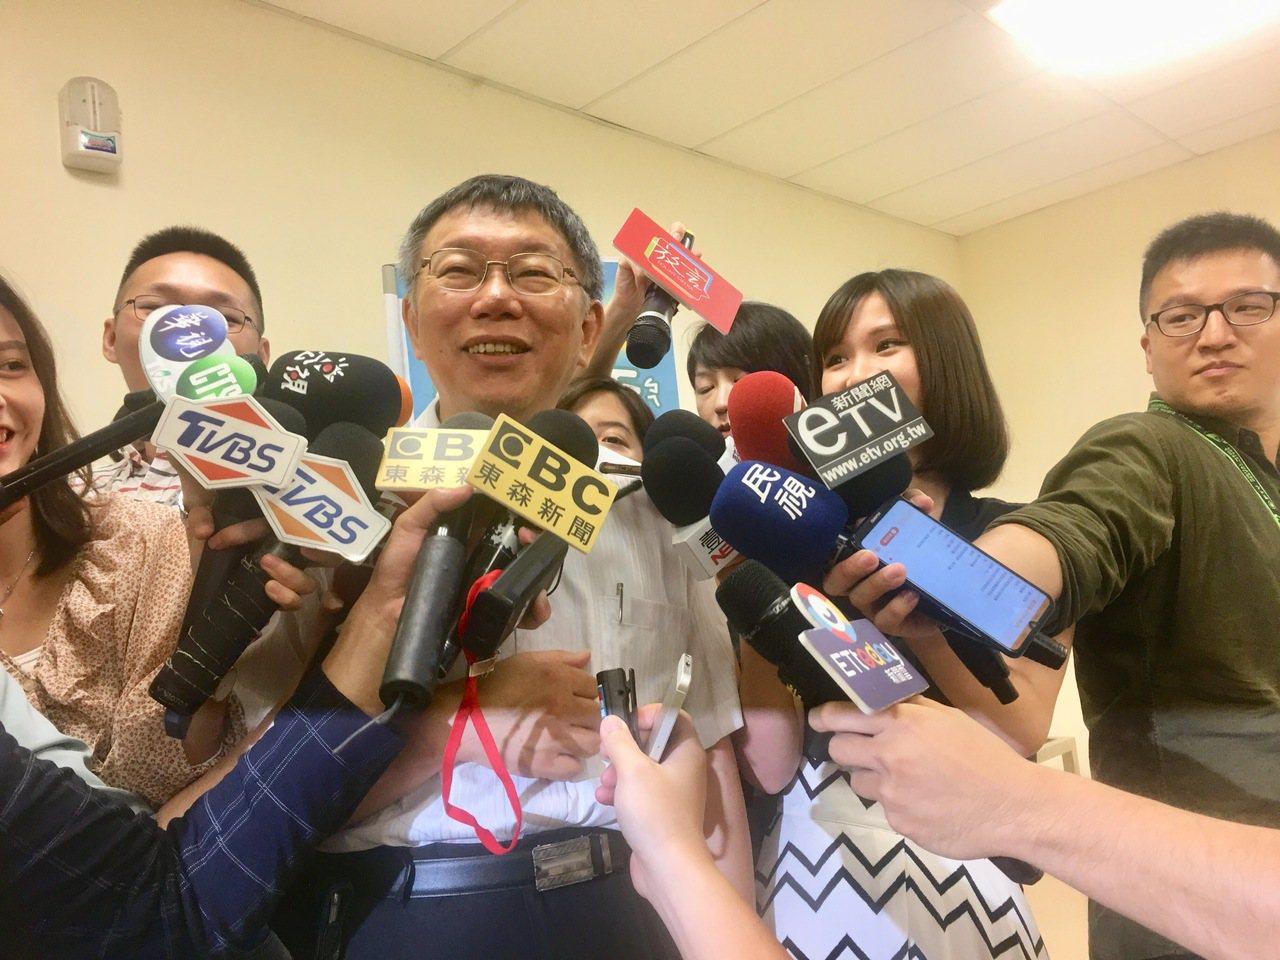 台北市長柯文哲早上參加「獺獺盃團圓派對暨親子館聯合運動會」後接受媒體聯訪。記者魏...